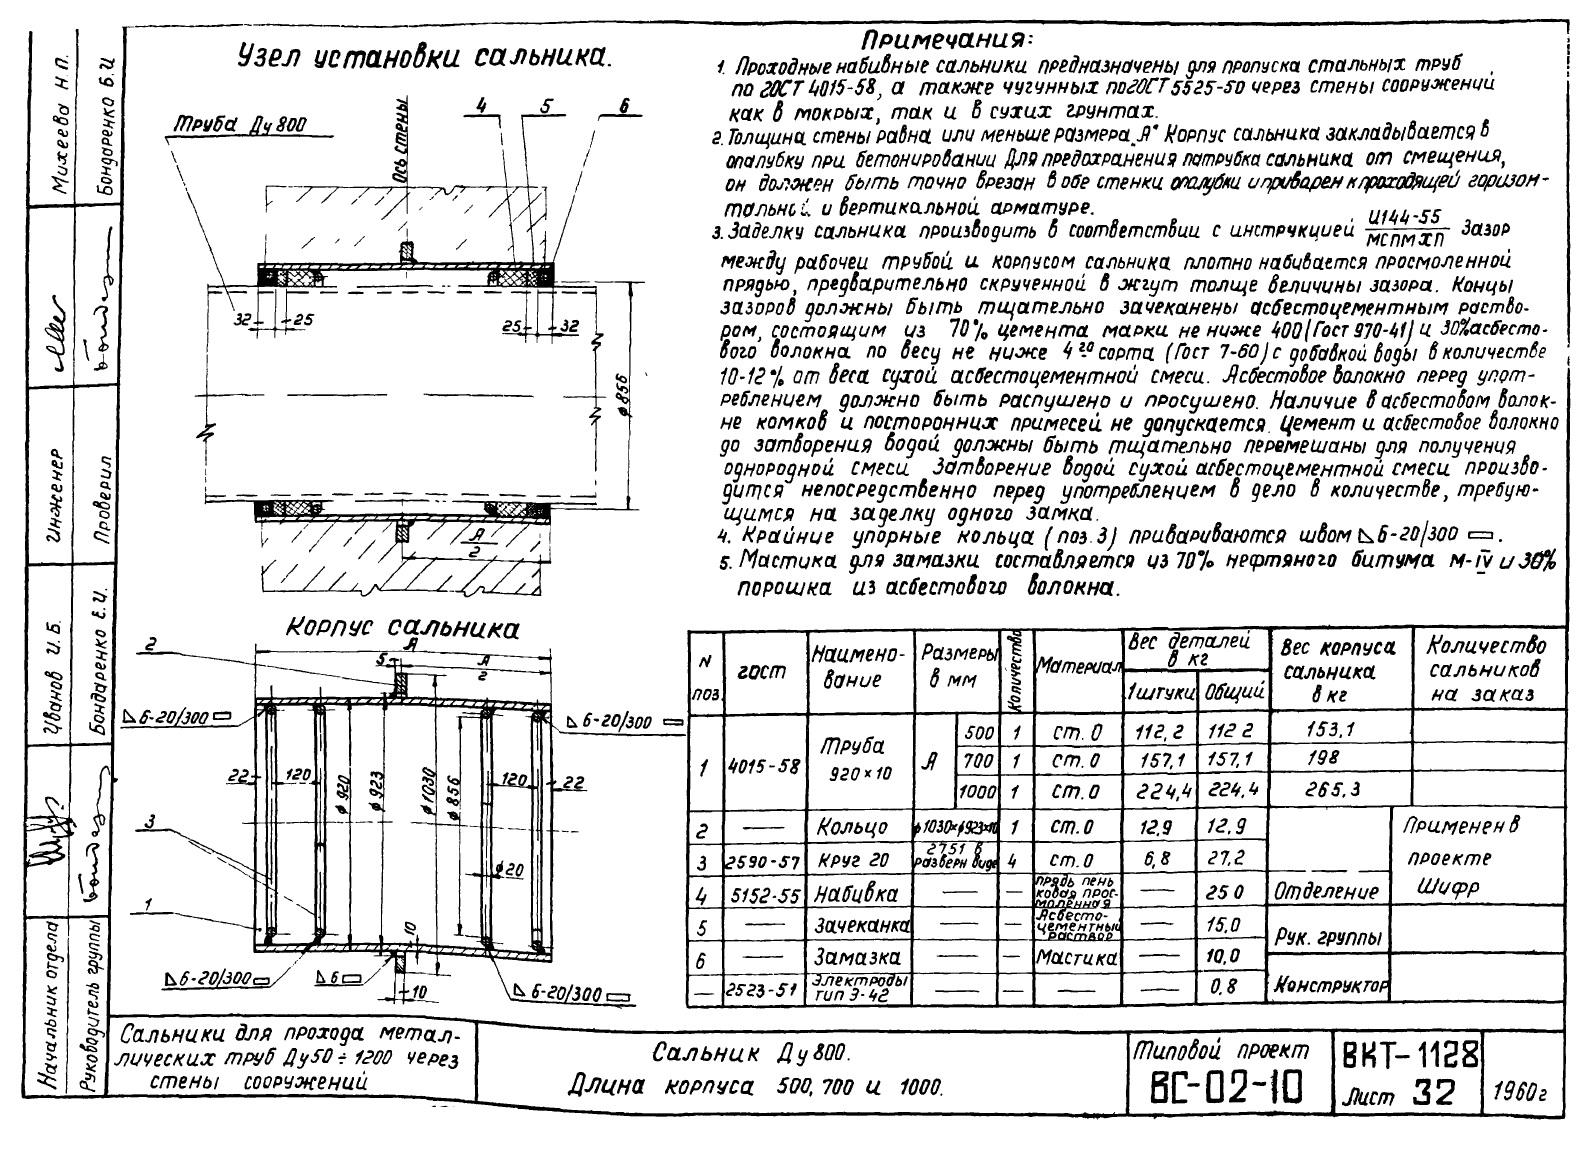 Сальники набивные L = 700 мм типовой проект ВС-02-10 стр.15